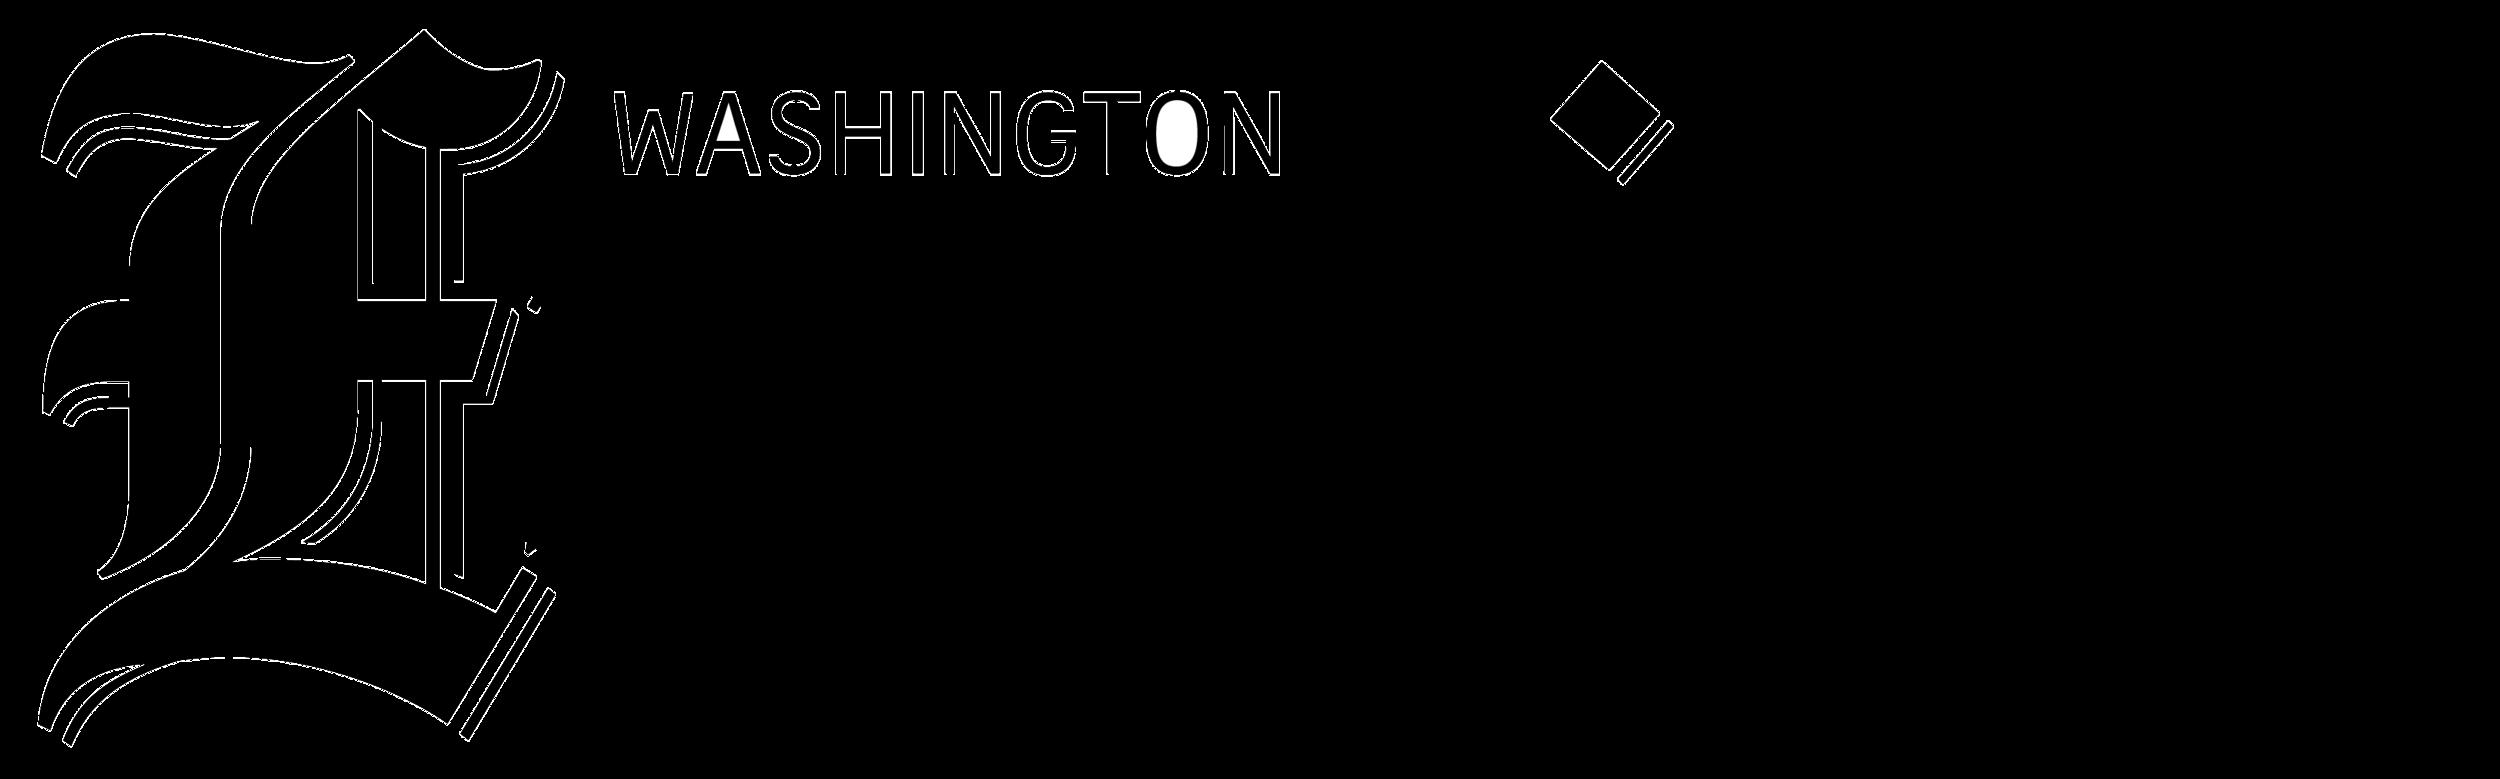 washington-examiner-logo.png